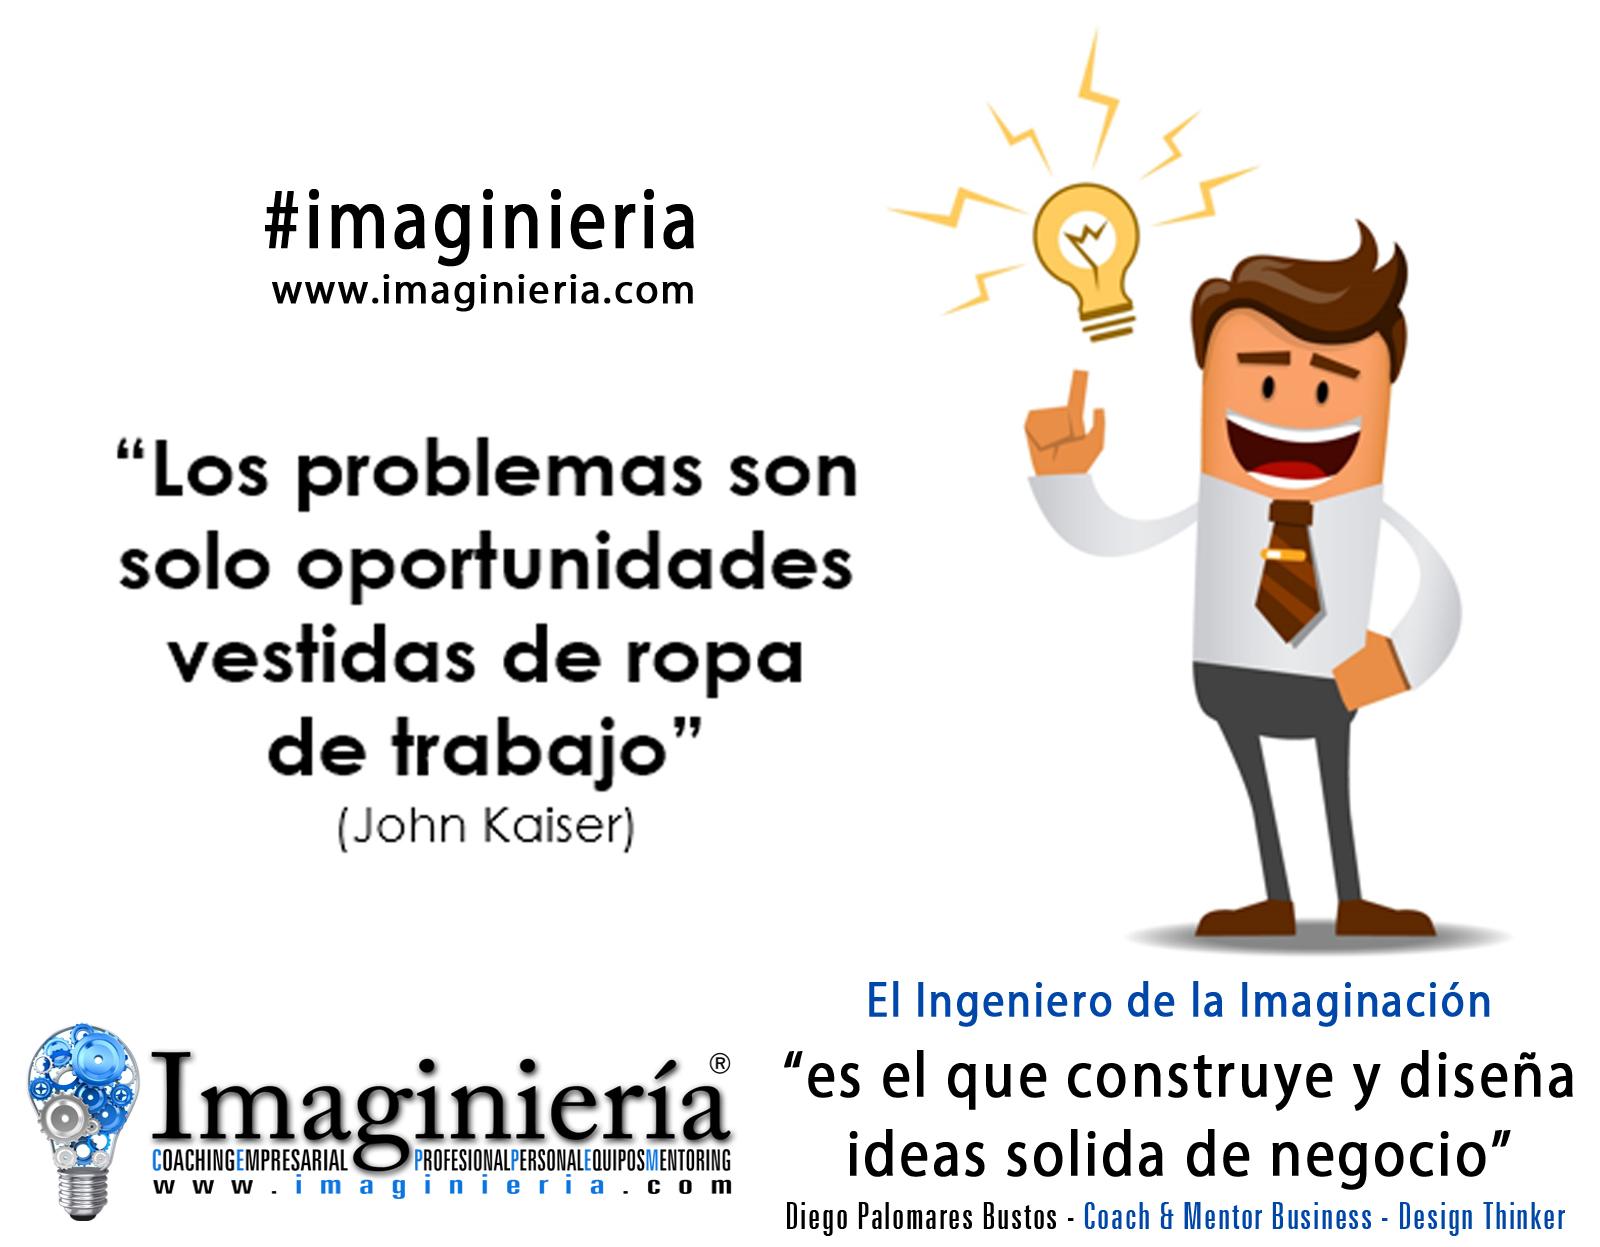 Definir el problema con creatividad nos dará la solución